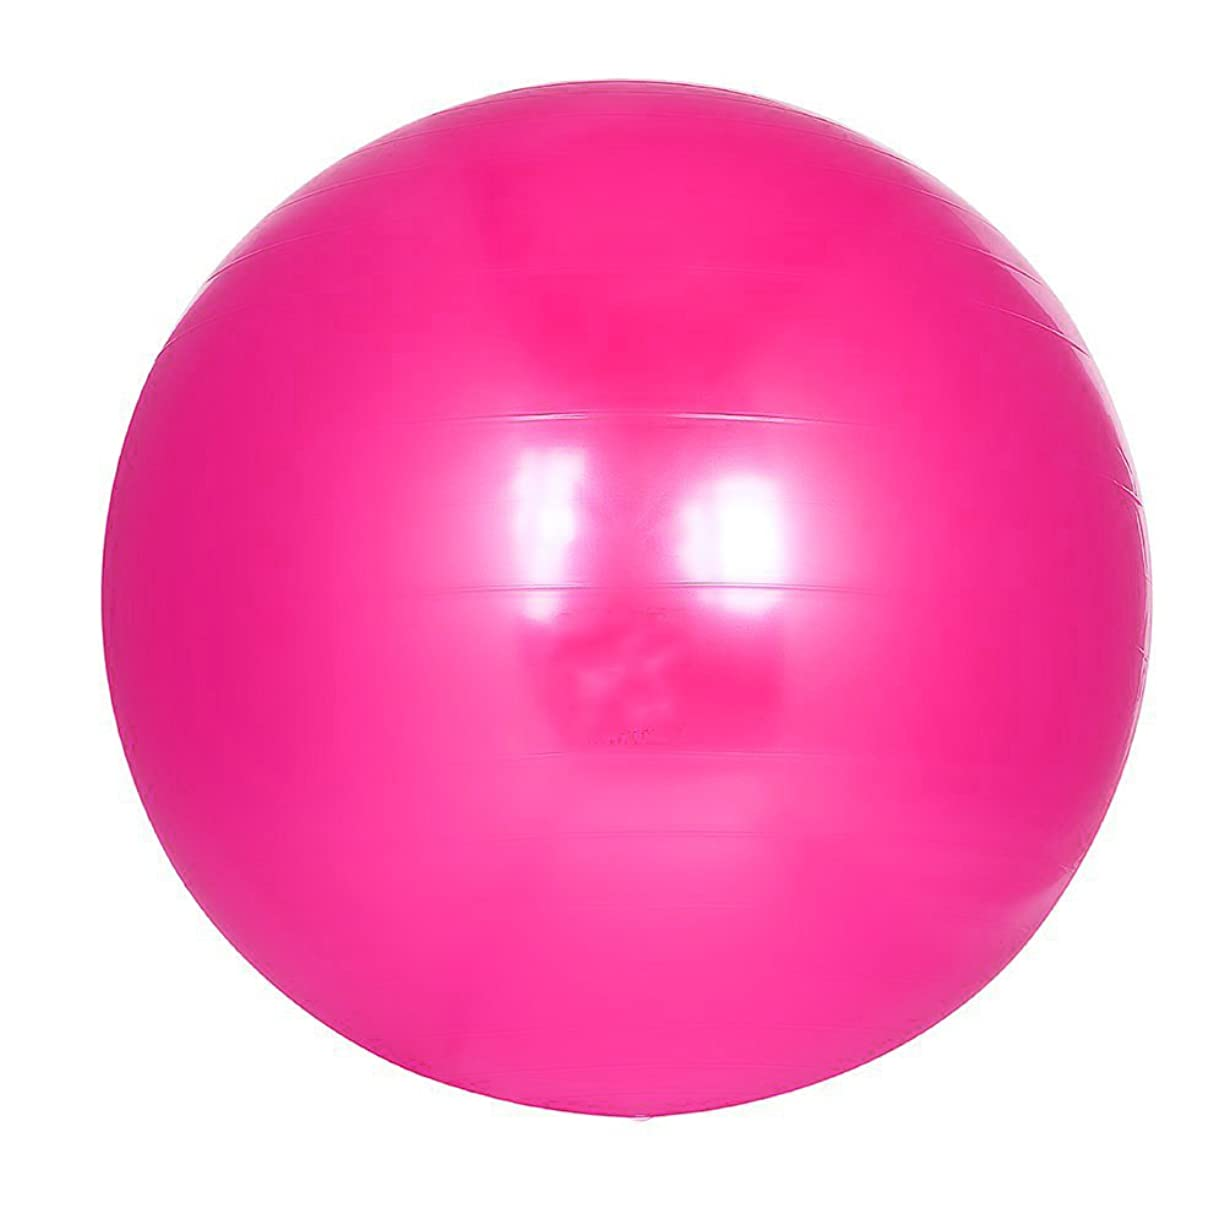 混乱させる誤統合するバランスボール 65CM/55CM アンチバースト仕様 3色 フットポンプ付き! エクササイズボール ヨガボール